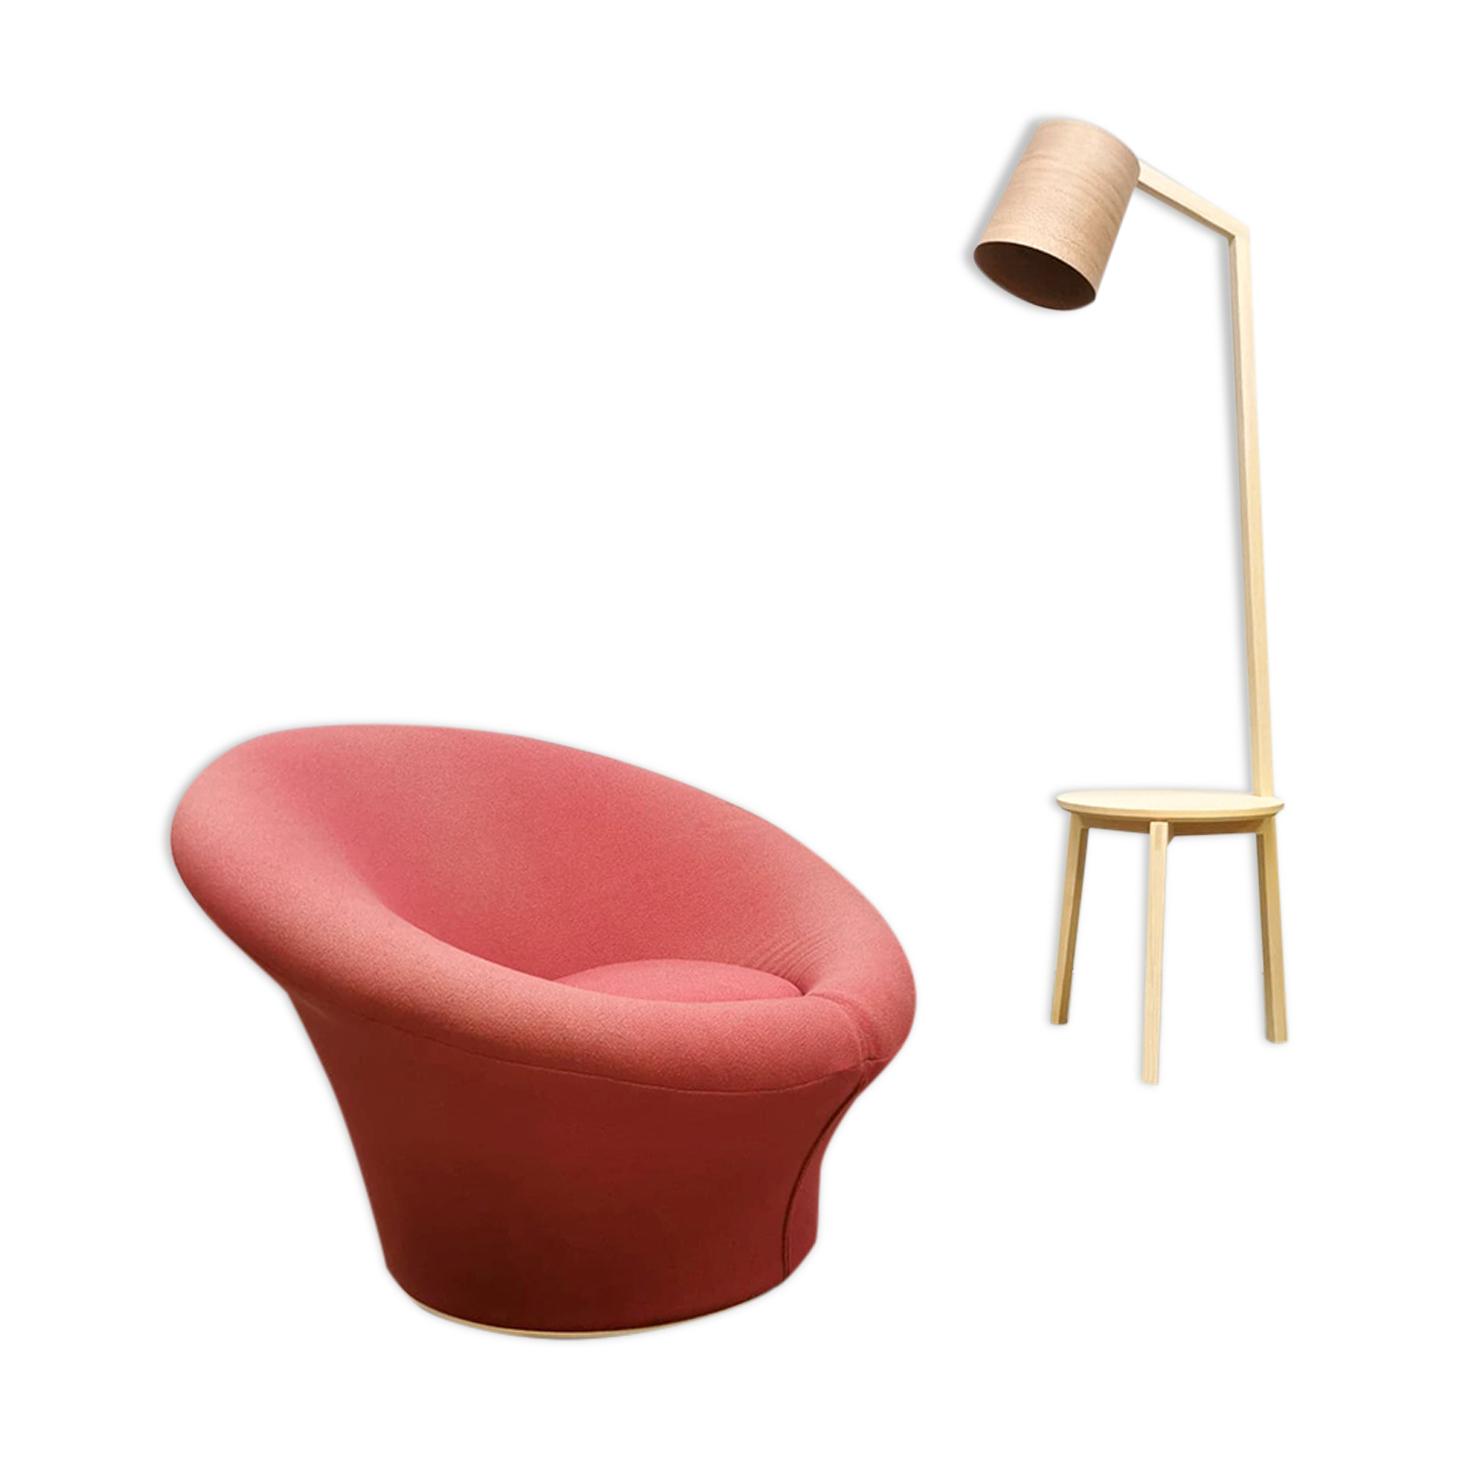 Fauteuil Mushroom de Pierre Paulin Artifort F560